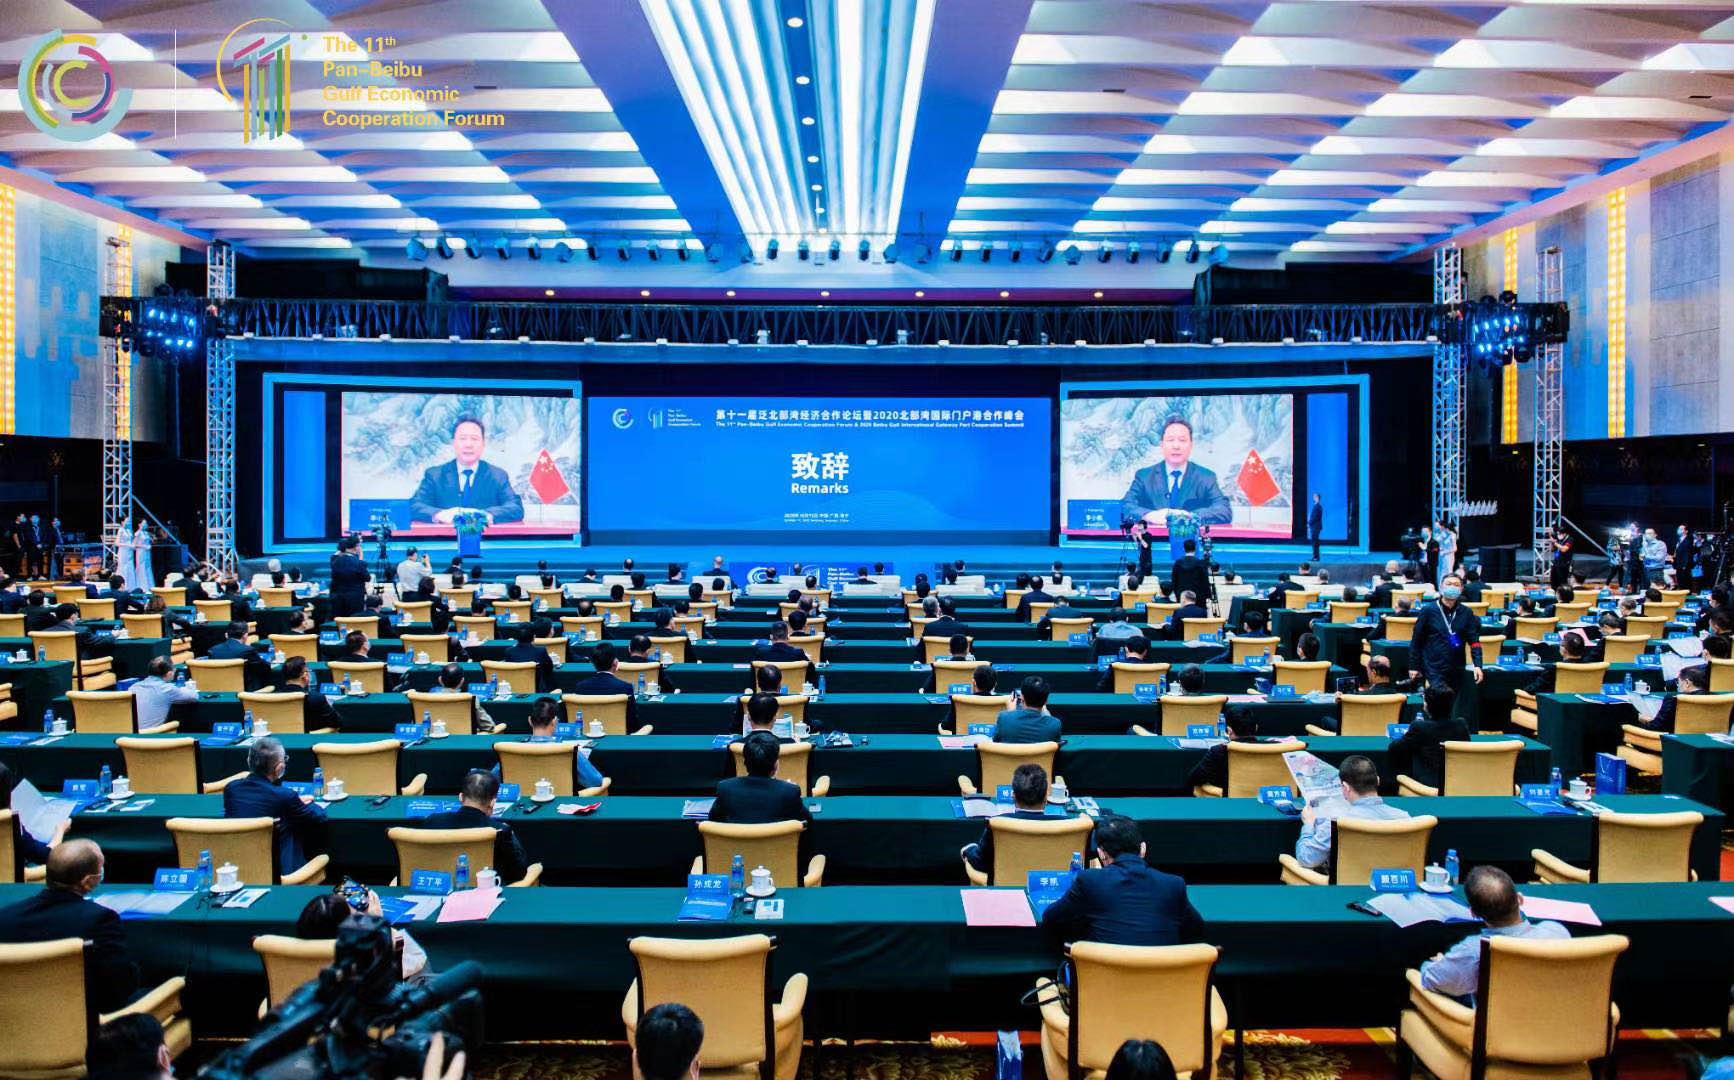 陆海新通道是西部人民的光明大道——专访中国社会科学院亚太与全球战略研究院副研究员周方冶